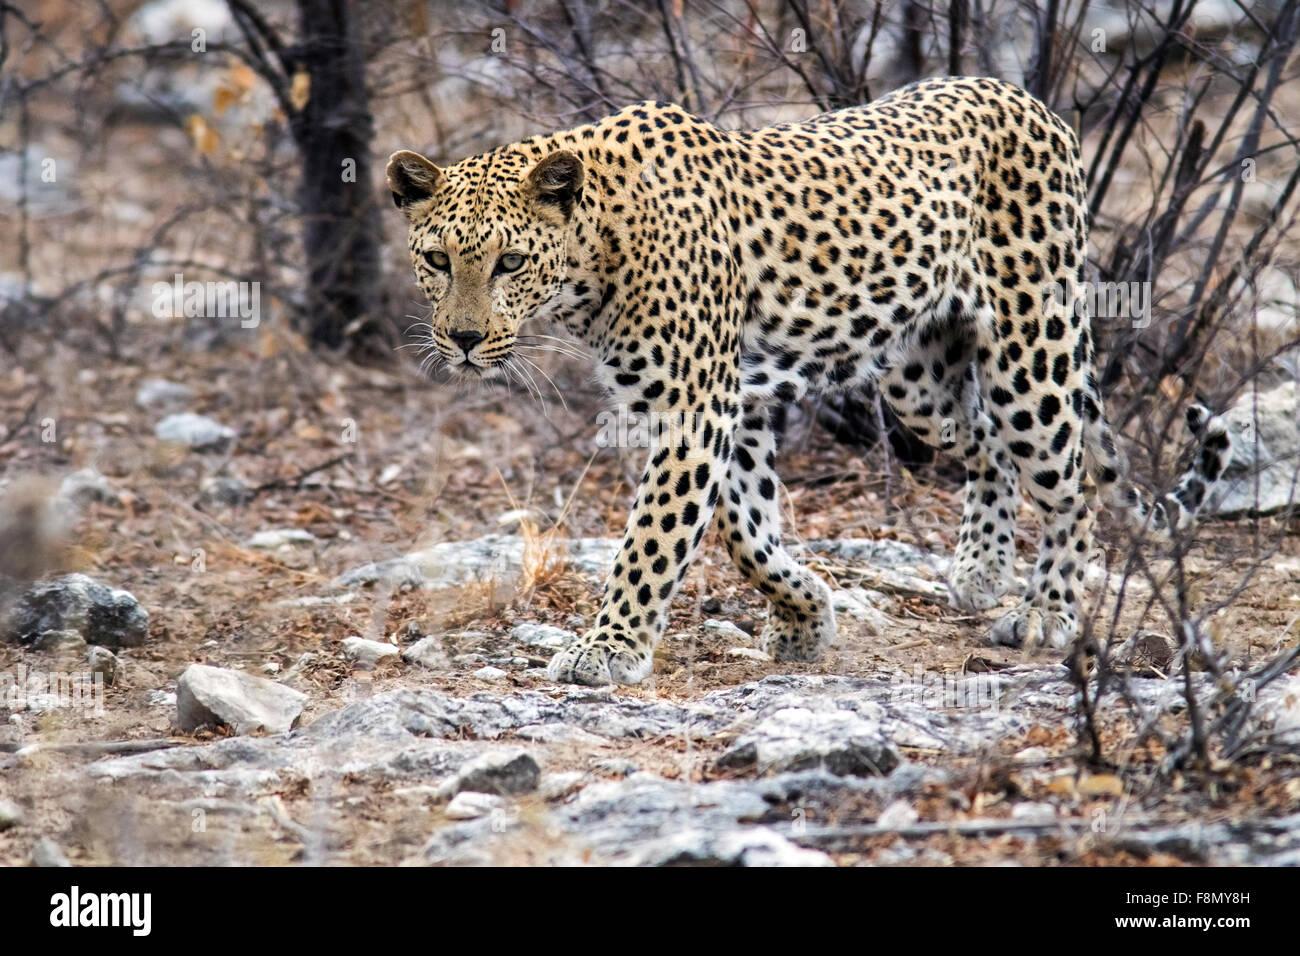 Leopard (Panthera pardus) [WILD] - Etosha National Park, Namibia, Africa - Stock Image